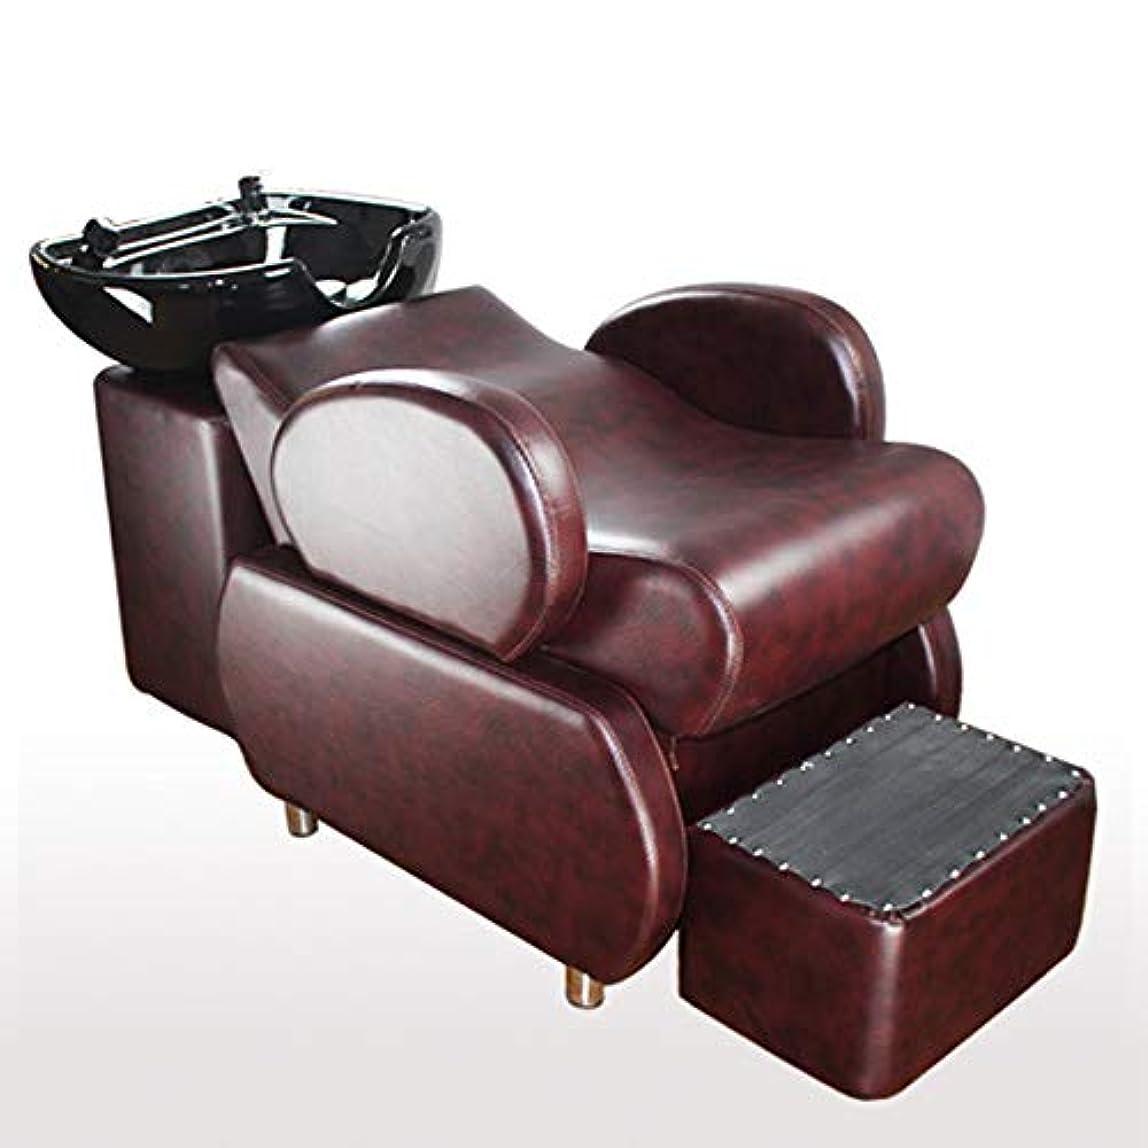 未亡人正当化する特別にシャンプー椅子、逆洗ユニットシャンプーボウル理髪シンク椅子半横たわっているシャンプーベッドスパ美容院機器